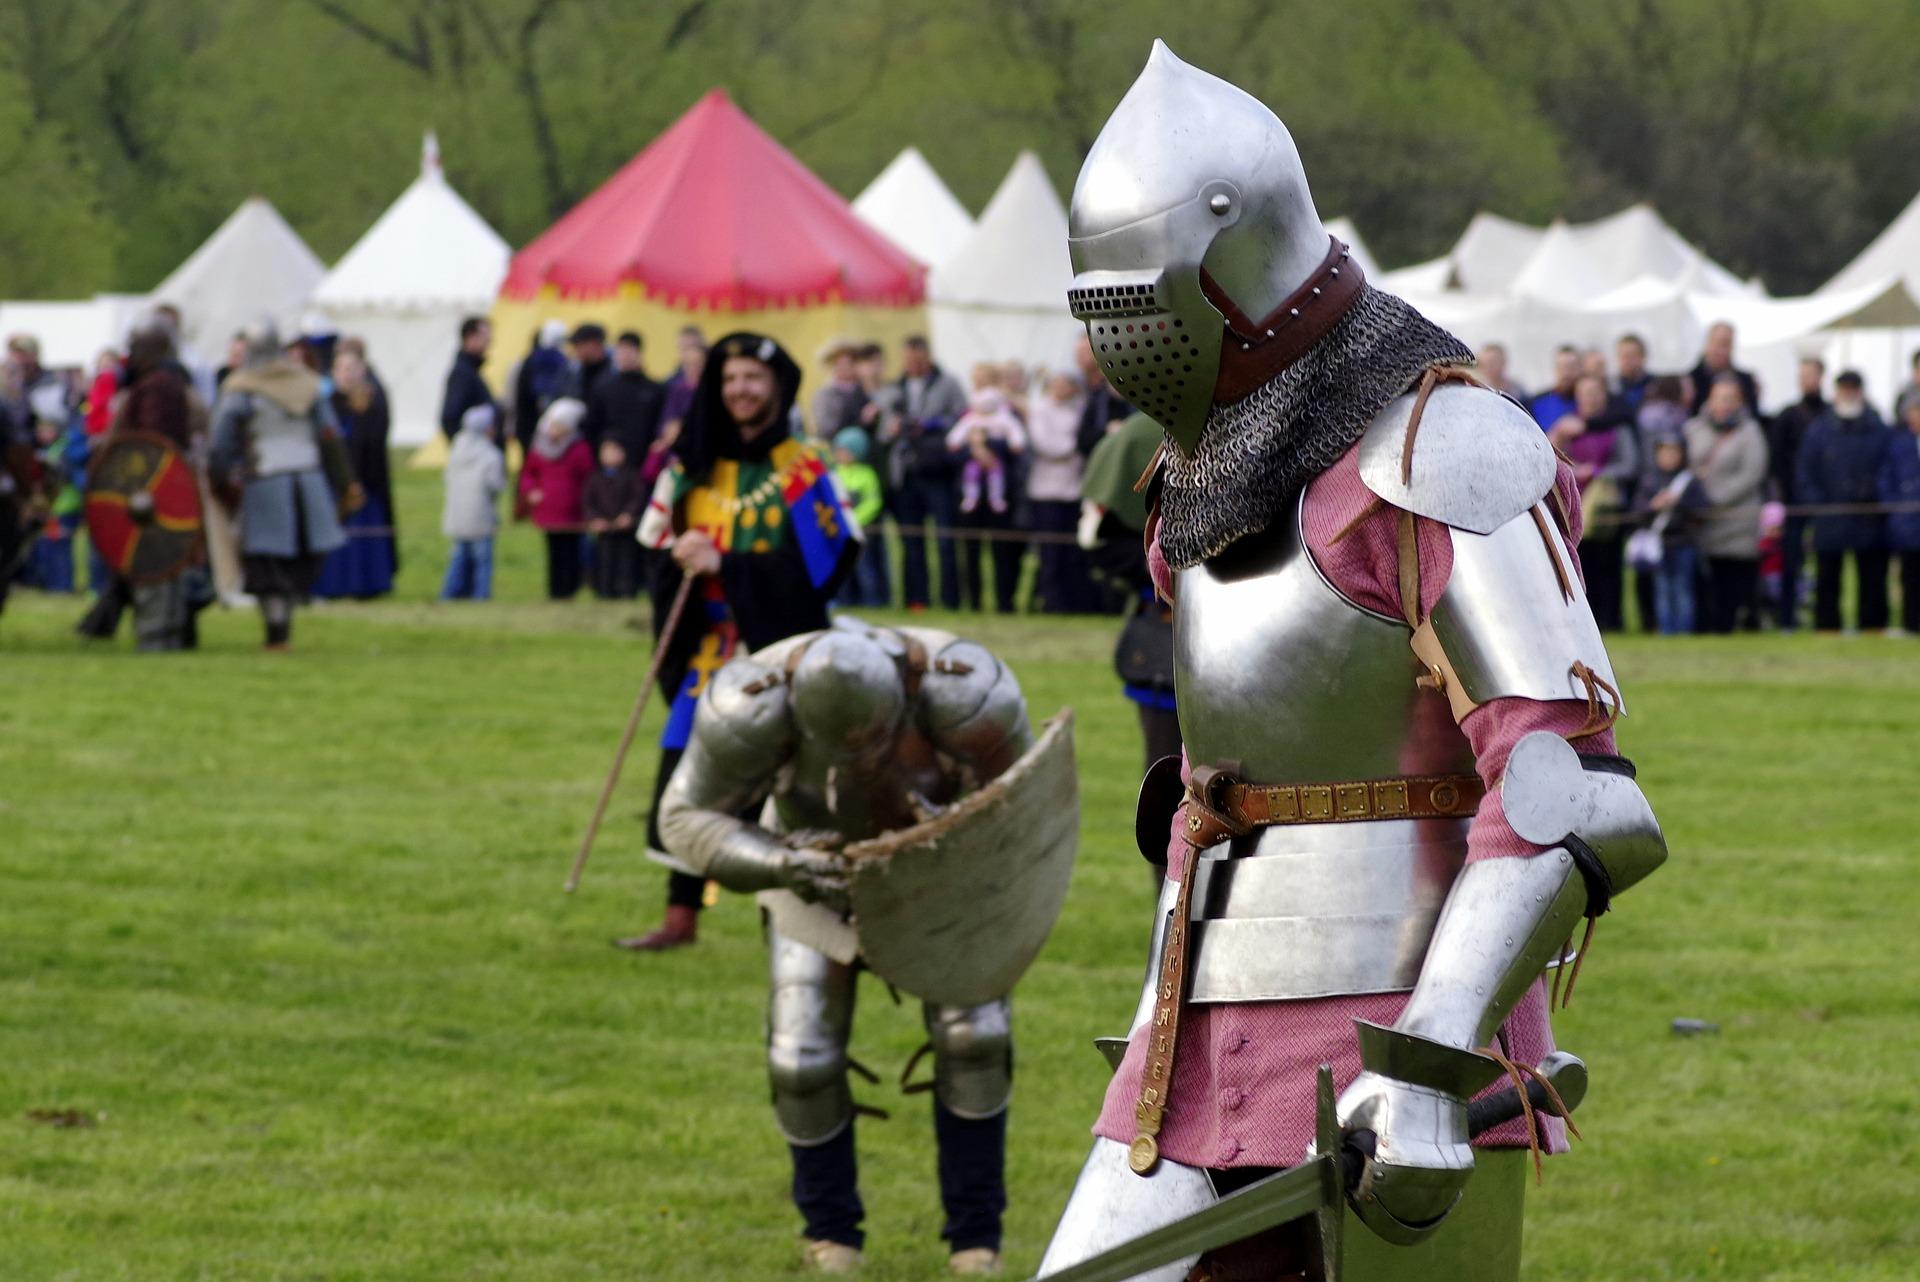 knight-2273052_1920.jpg